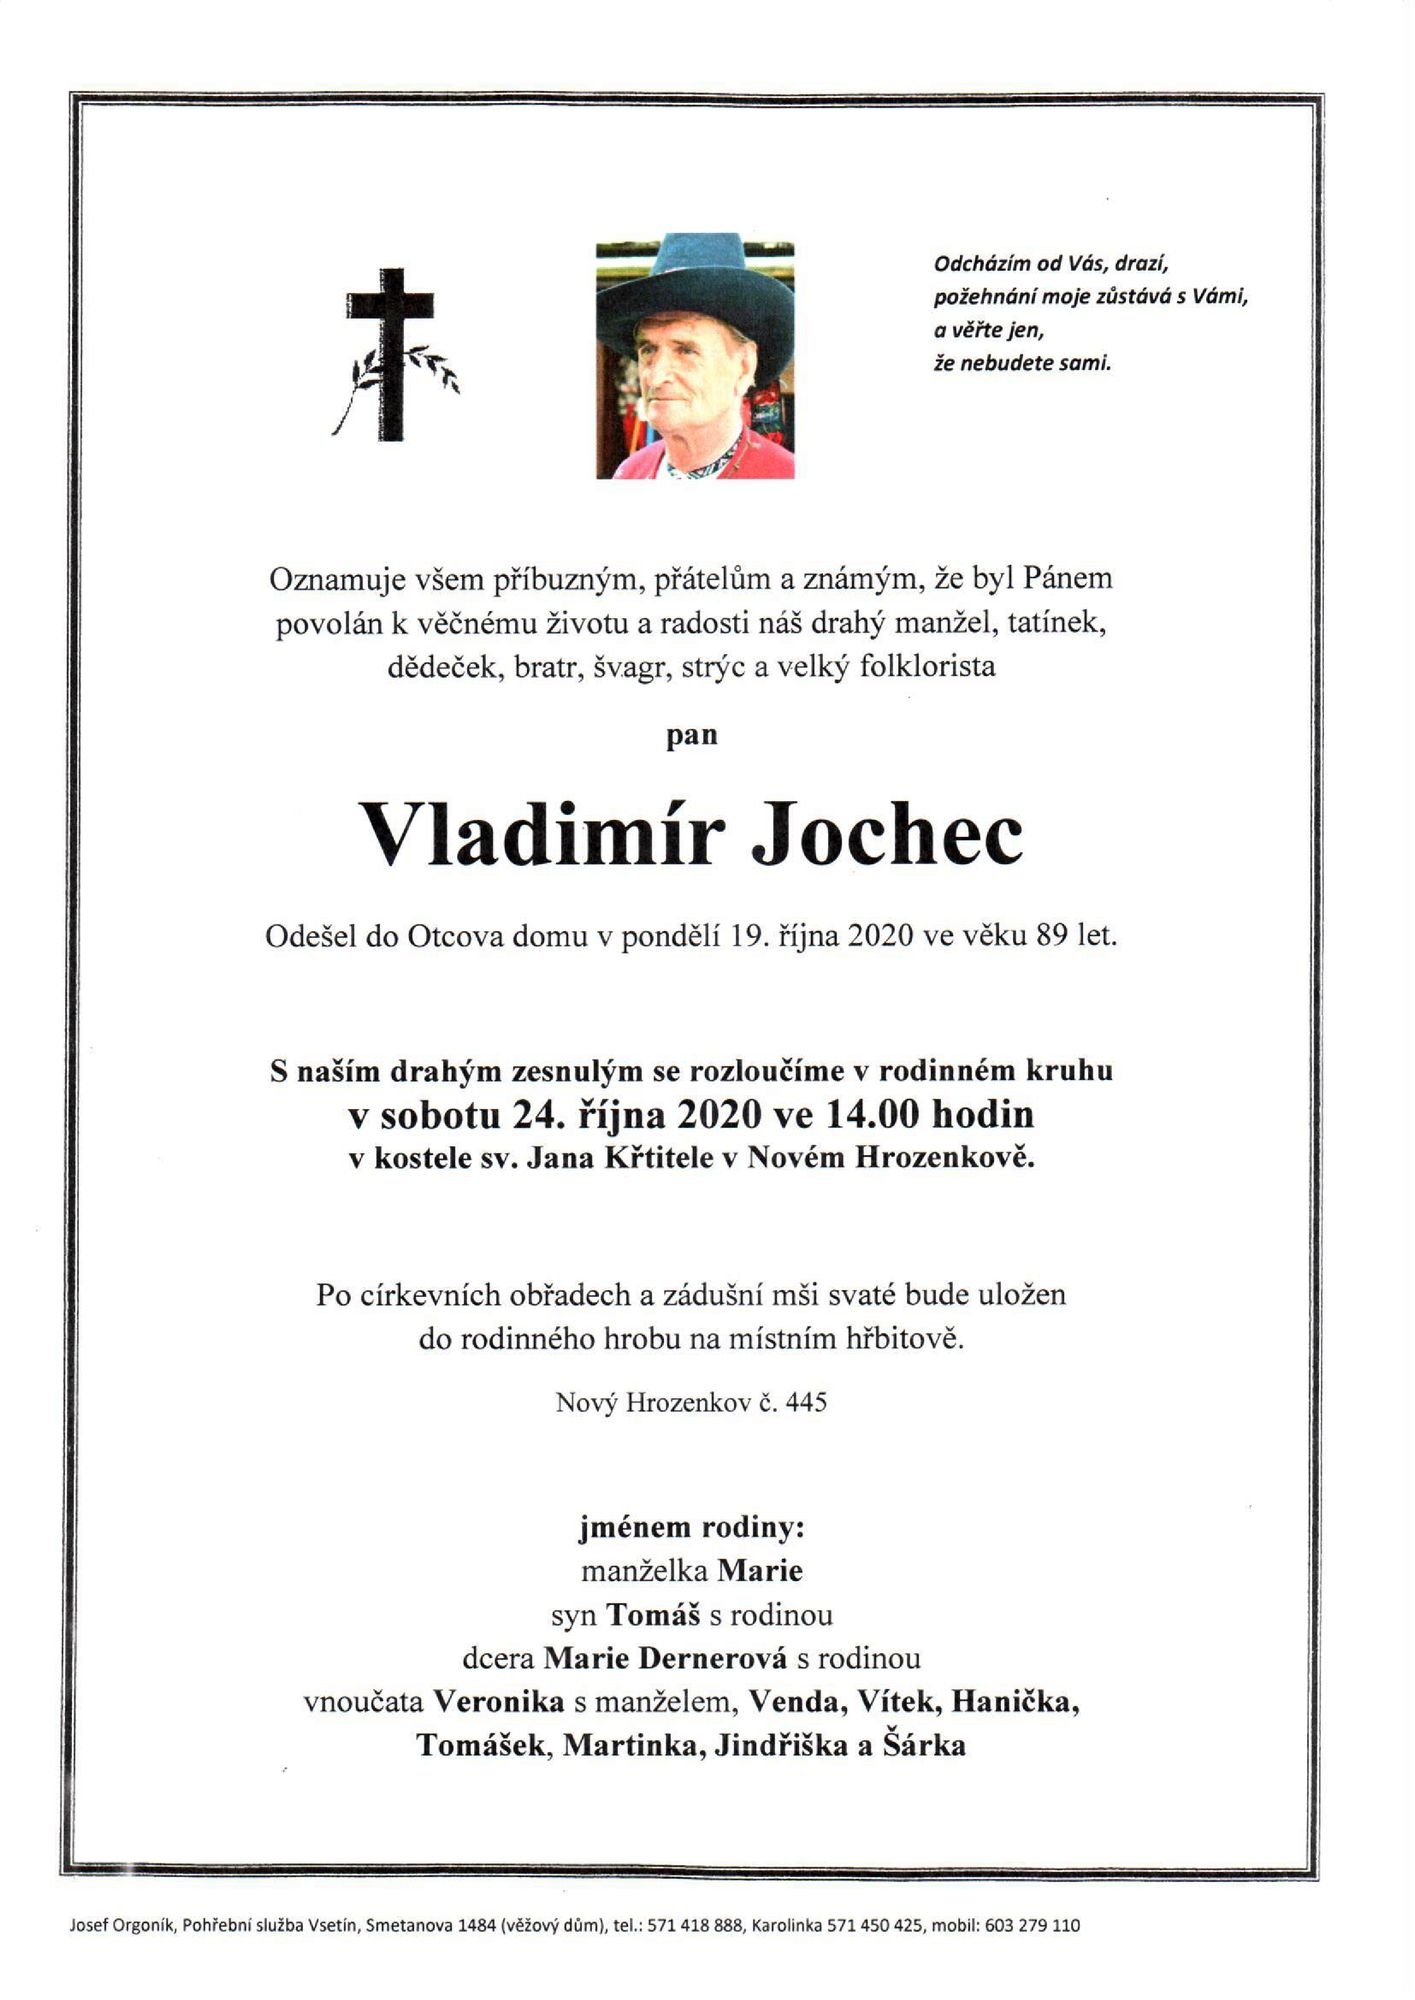 Vladimír Jochec